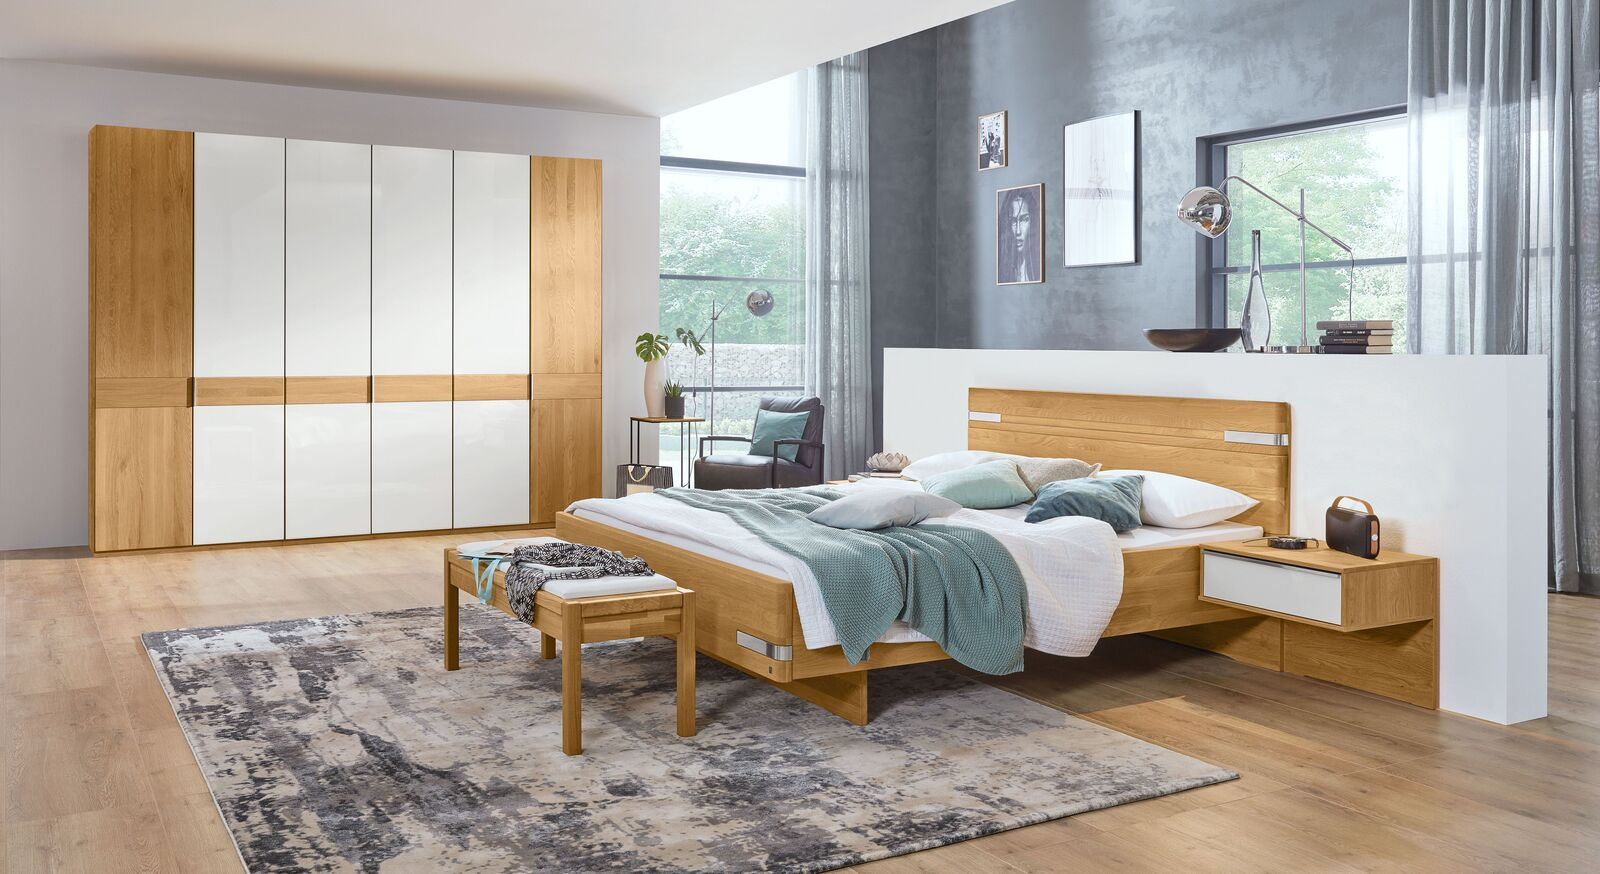 MUSTERRING Schlafzimmer Savona mit Drehtürenschrank in Eiche natur